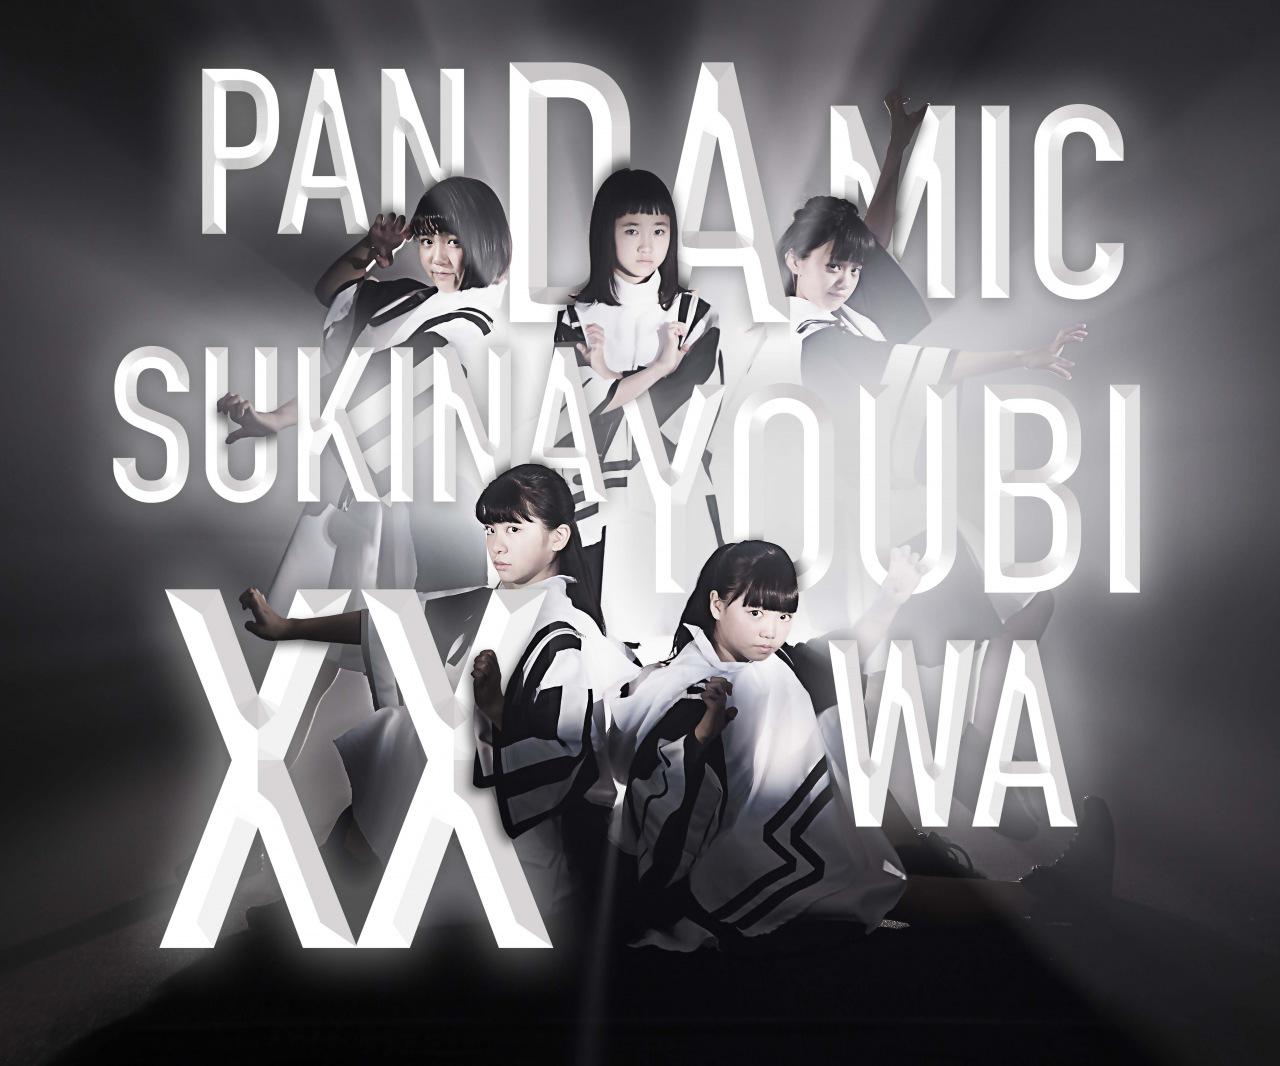 パンダみっく、1stシングルをひっさげ12月2日にリリースパーティーを開催